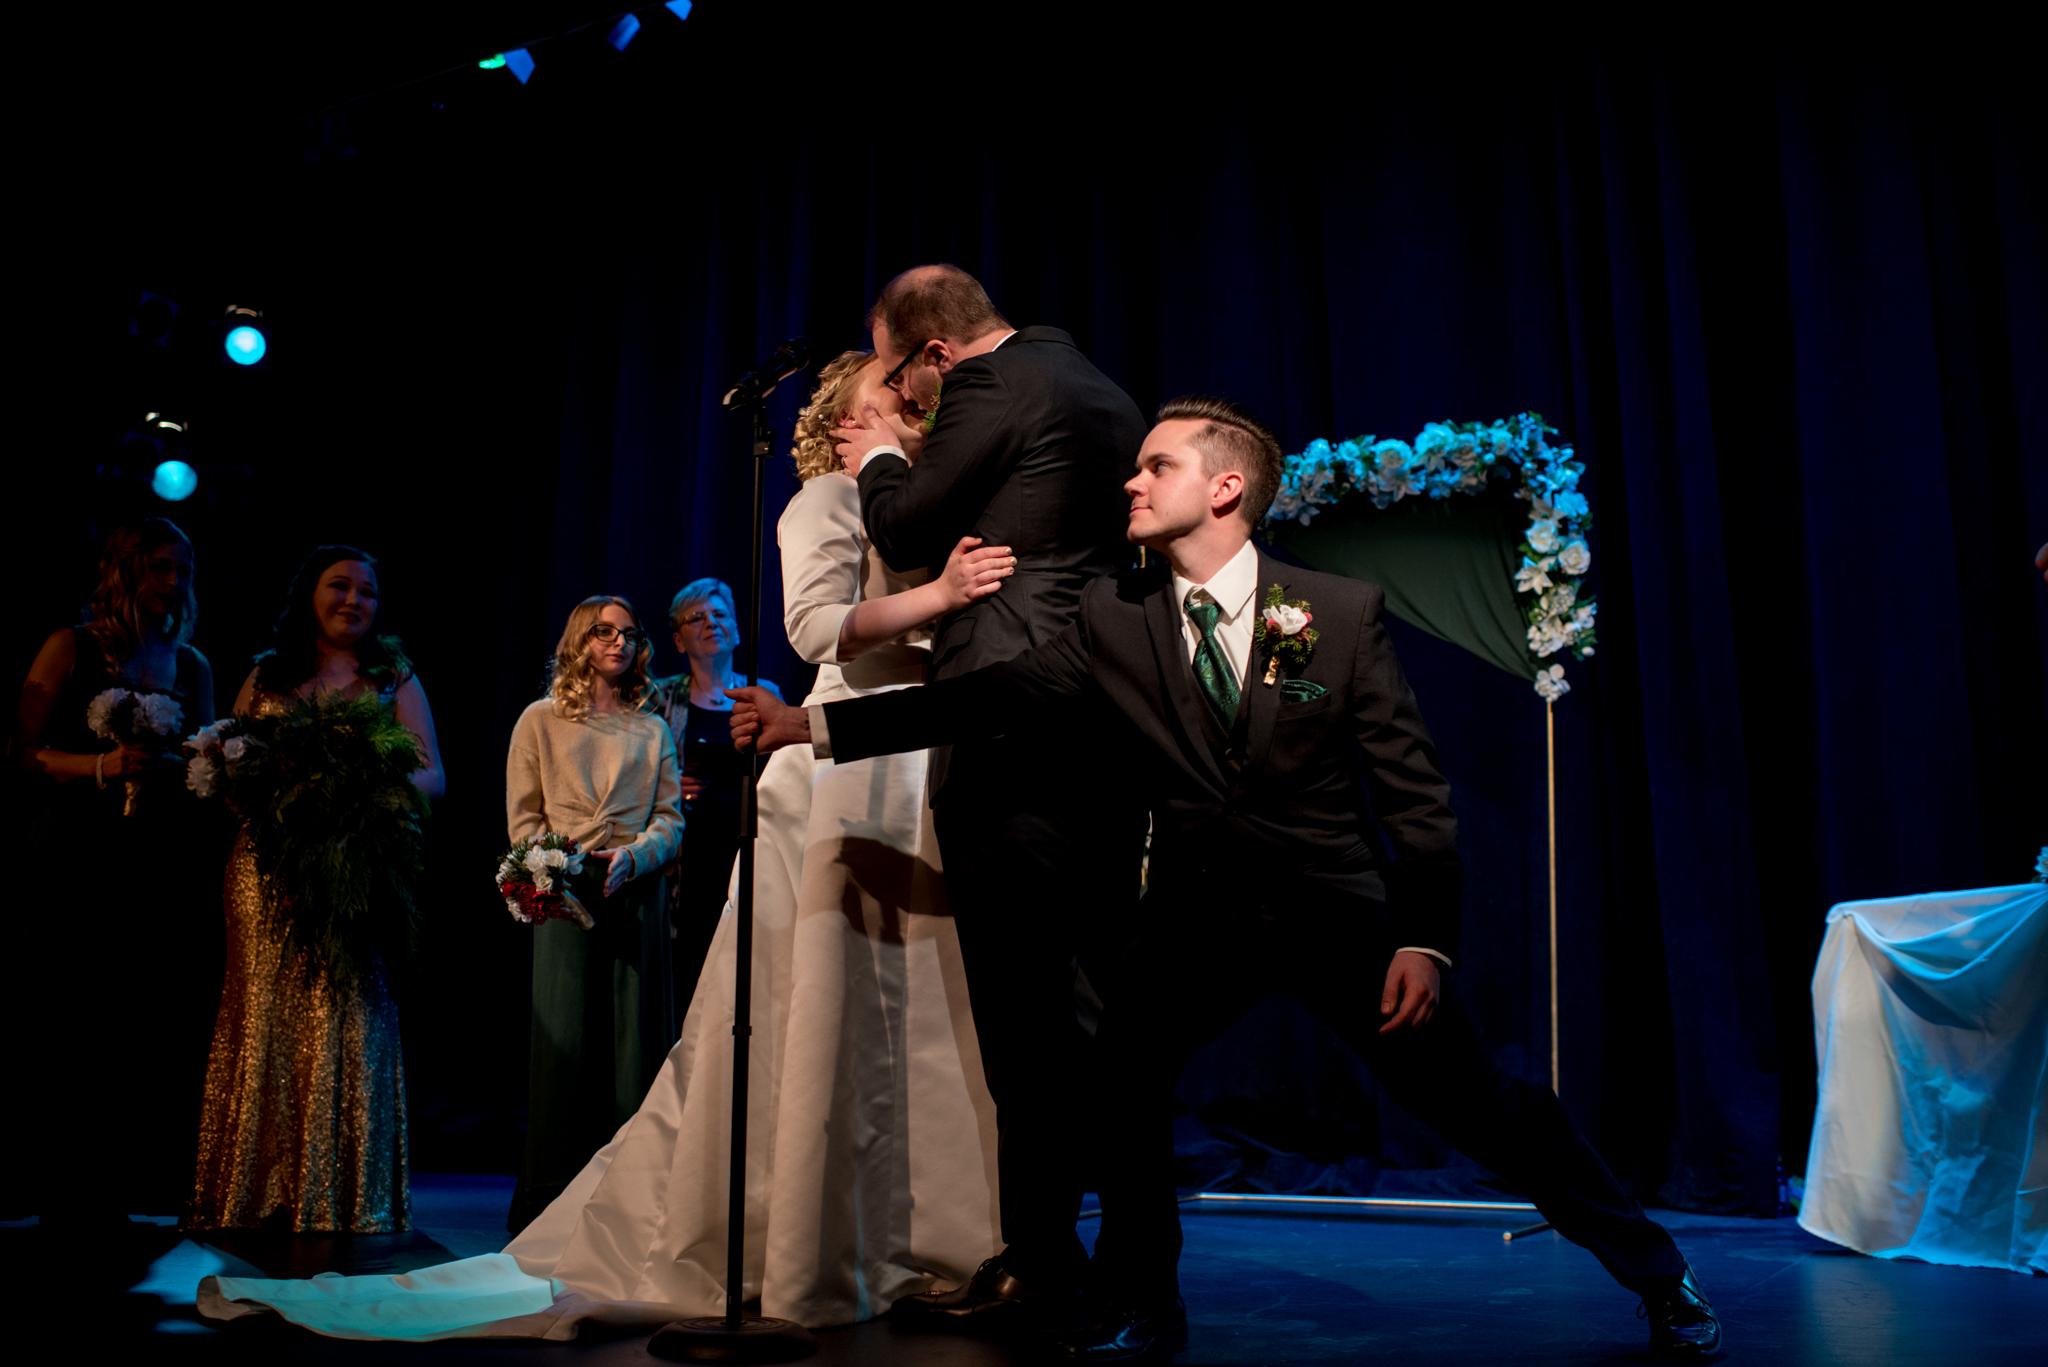 Best man saves wedding